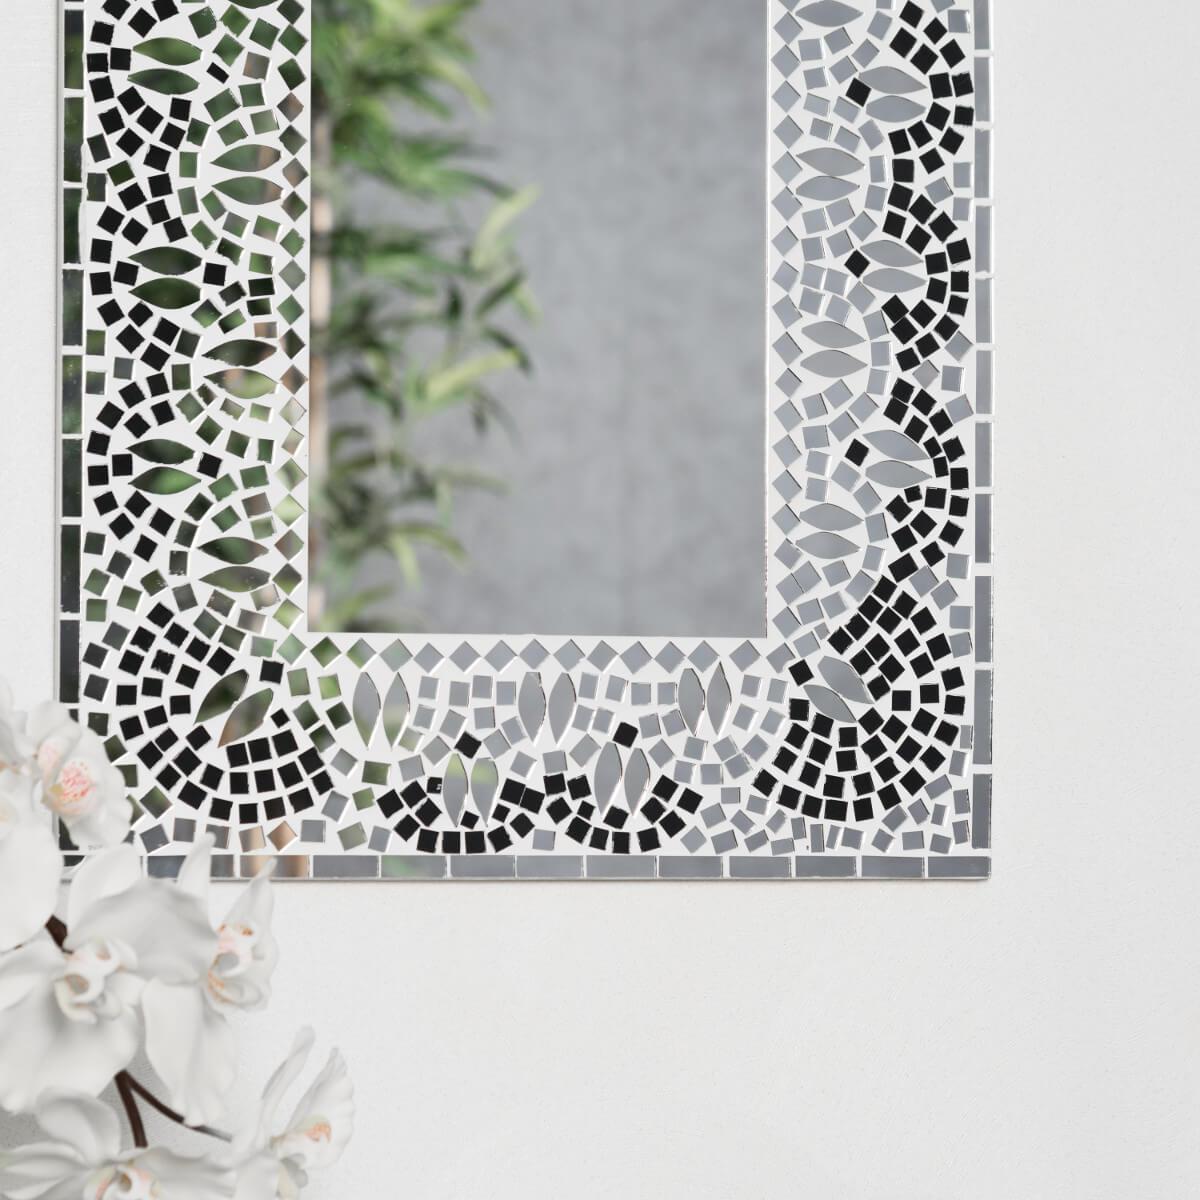 Miroir mosaique design noir et blanc 40cm x 50cm salon chambre for Miroir mosaique design